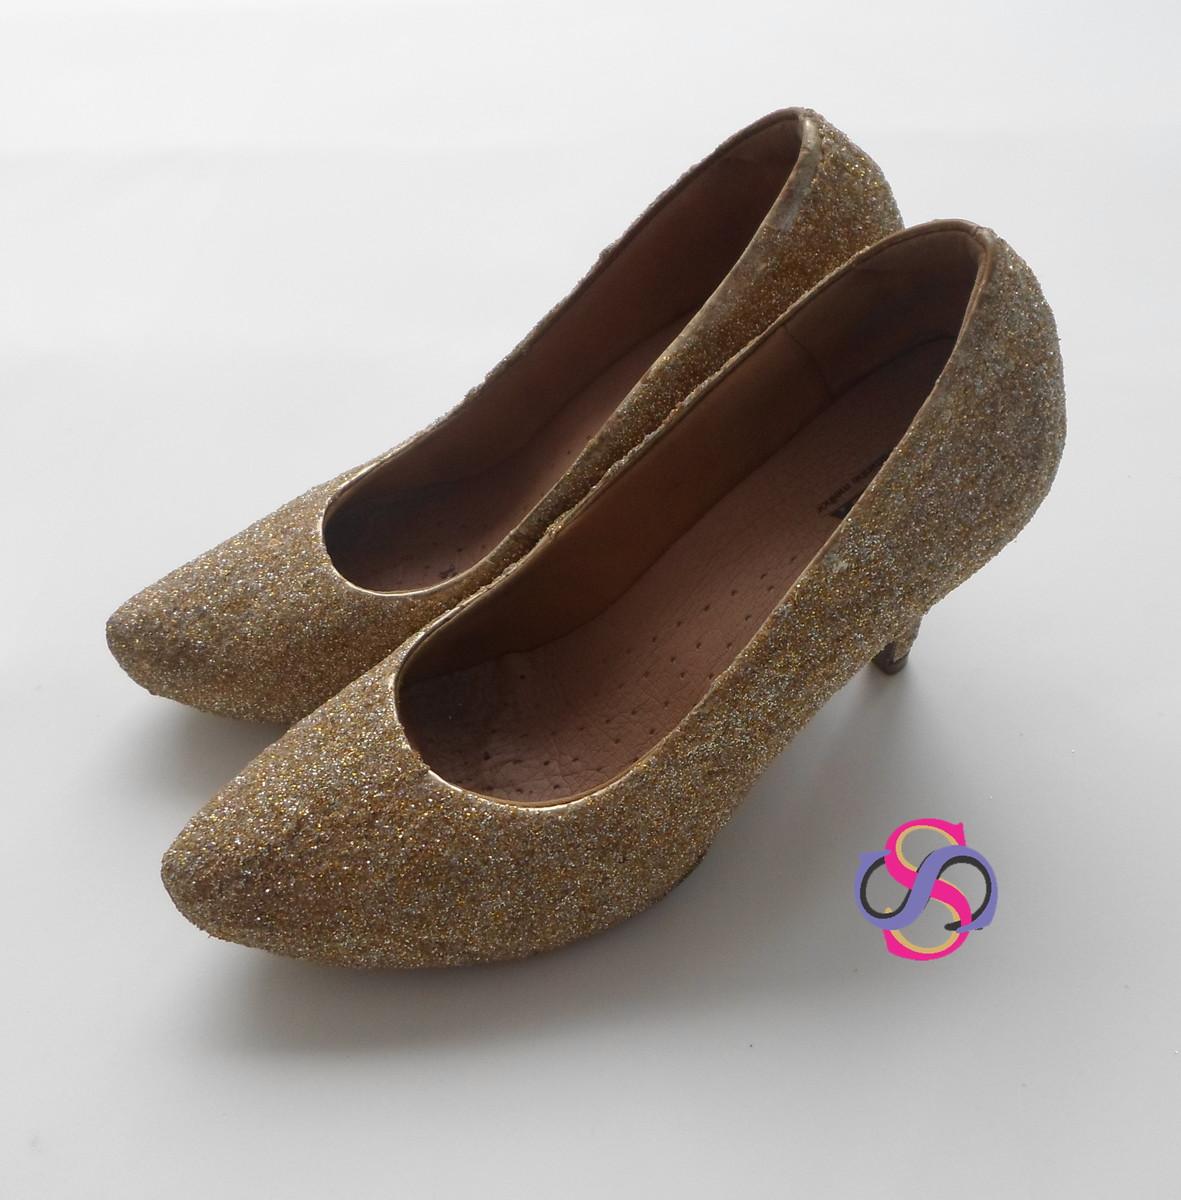 57a437c85 Sapato Brilho (festa) (15 anos) no Elo7 | Senhora Soberana (7DF63B)